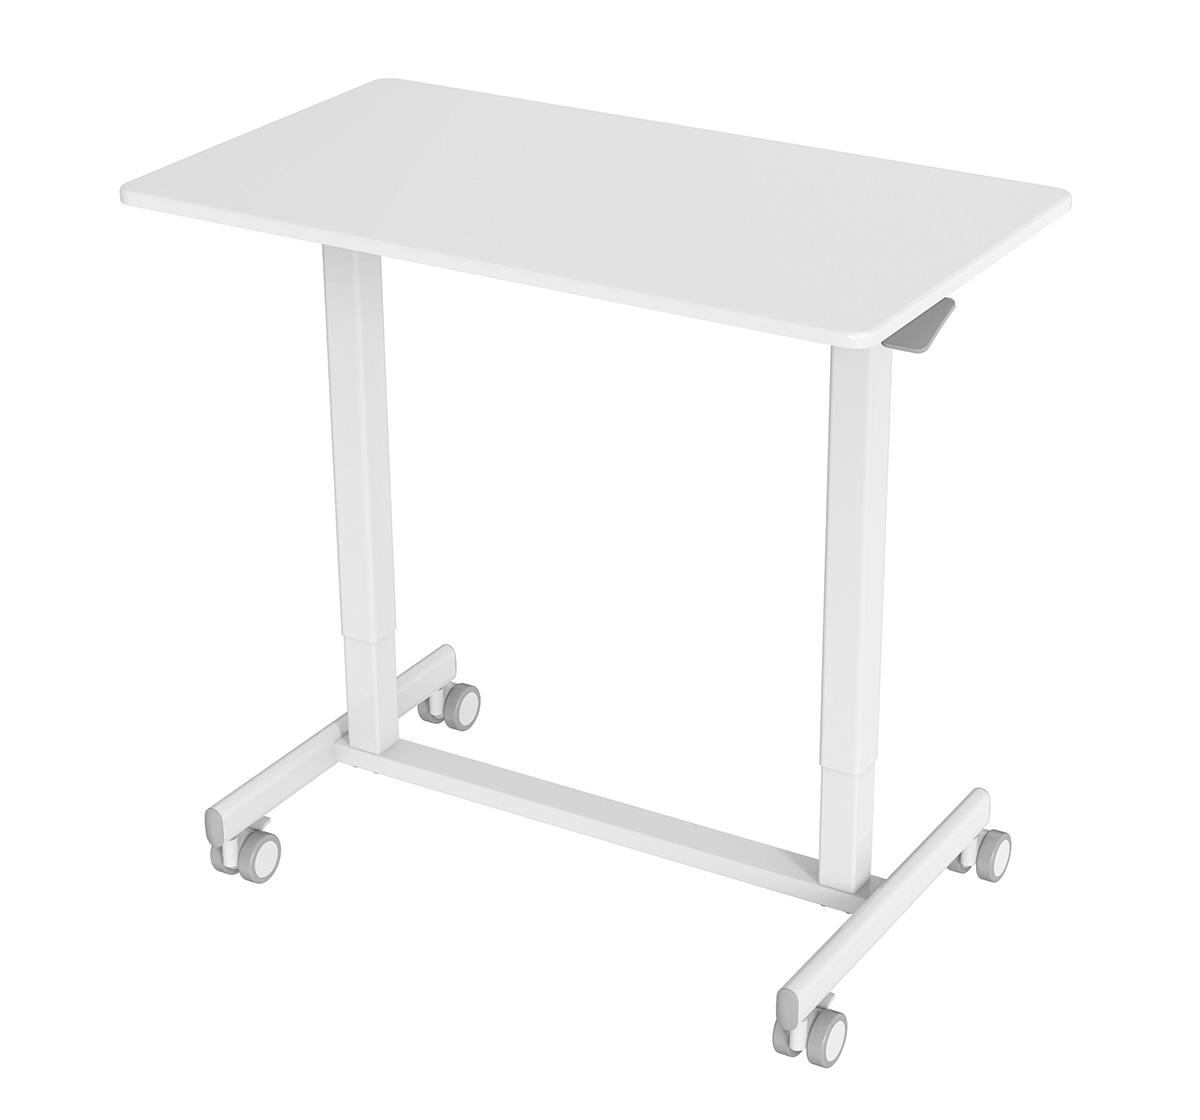 FS-OD35A-WH White Air Lift Desk